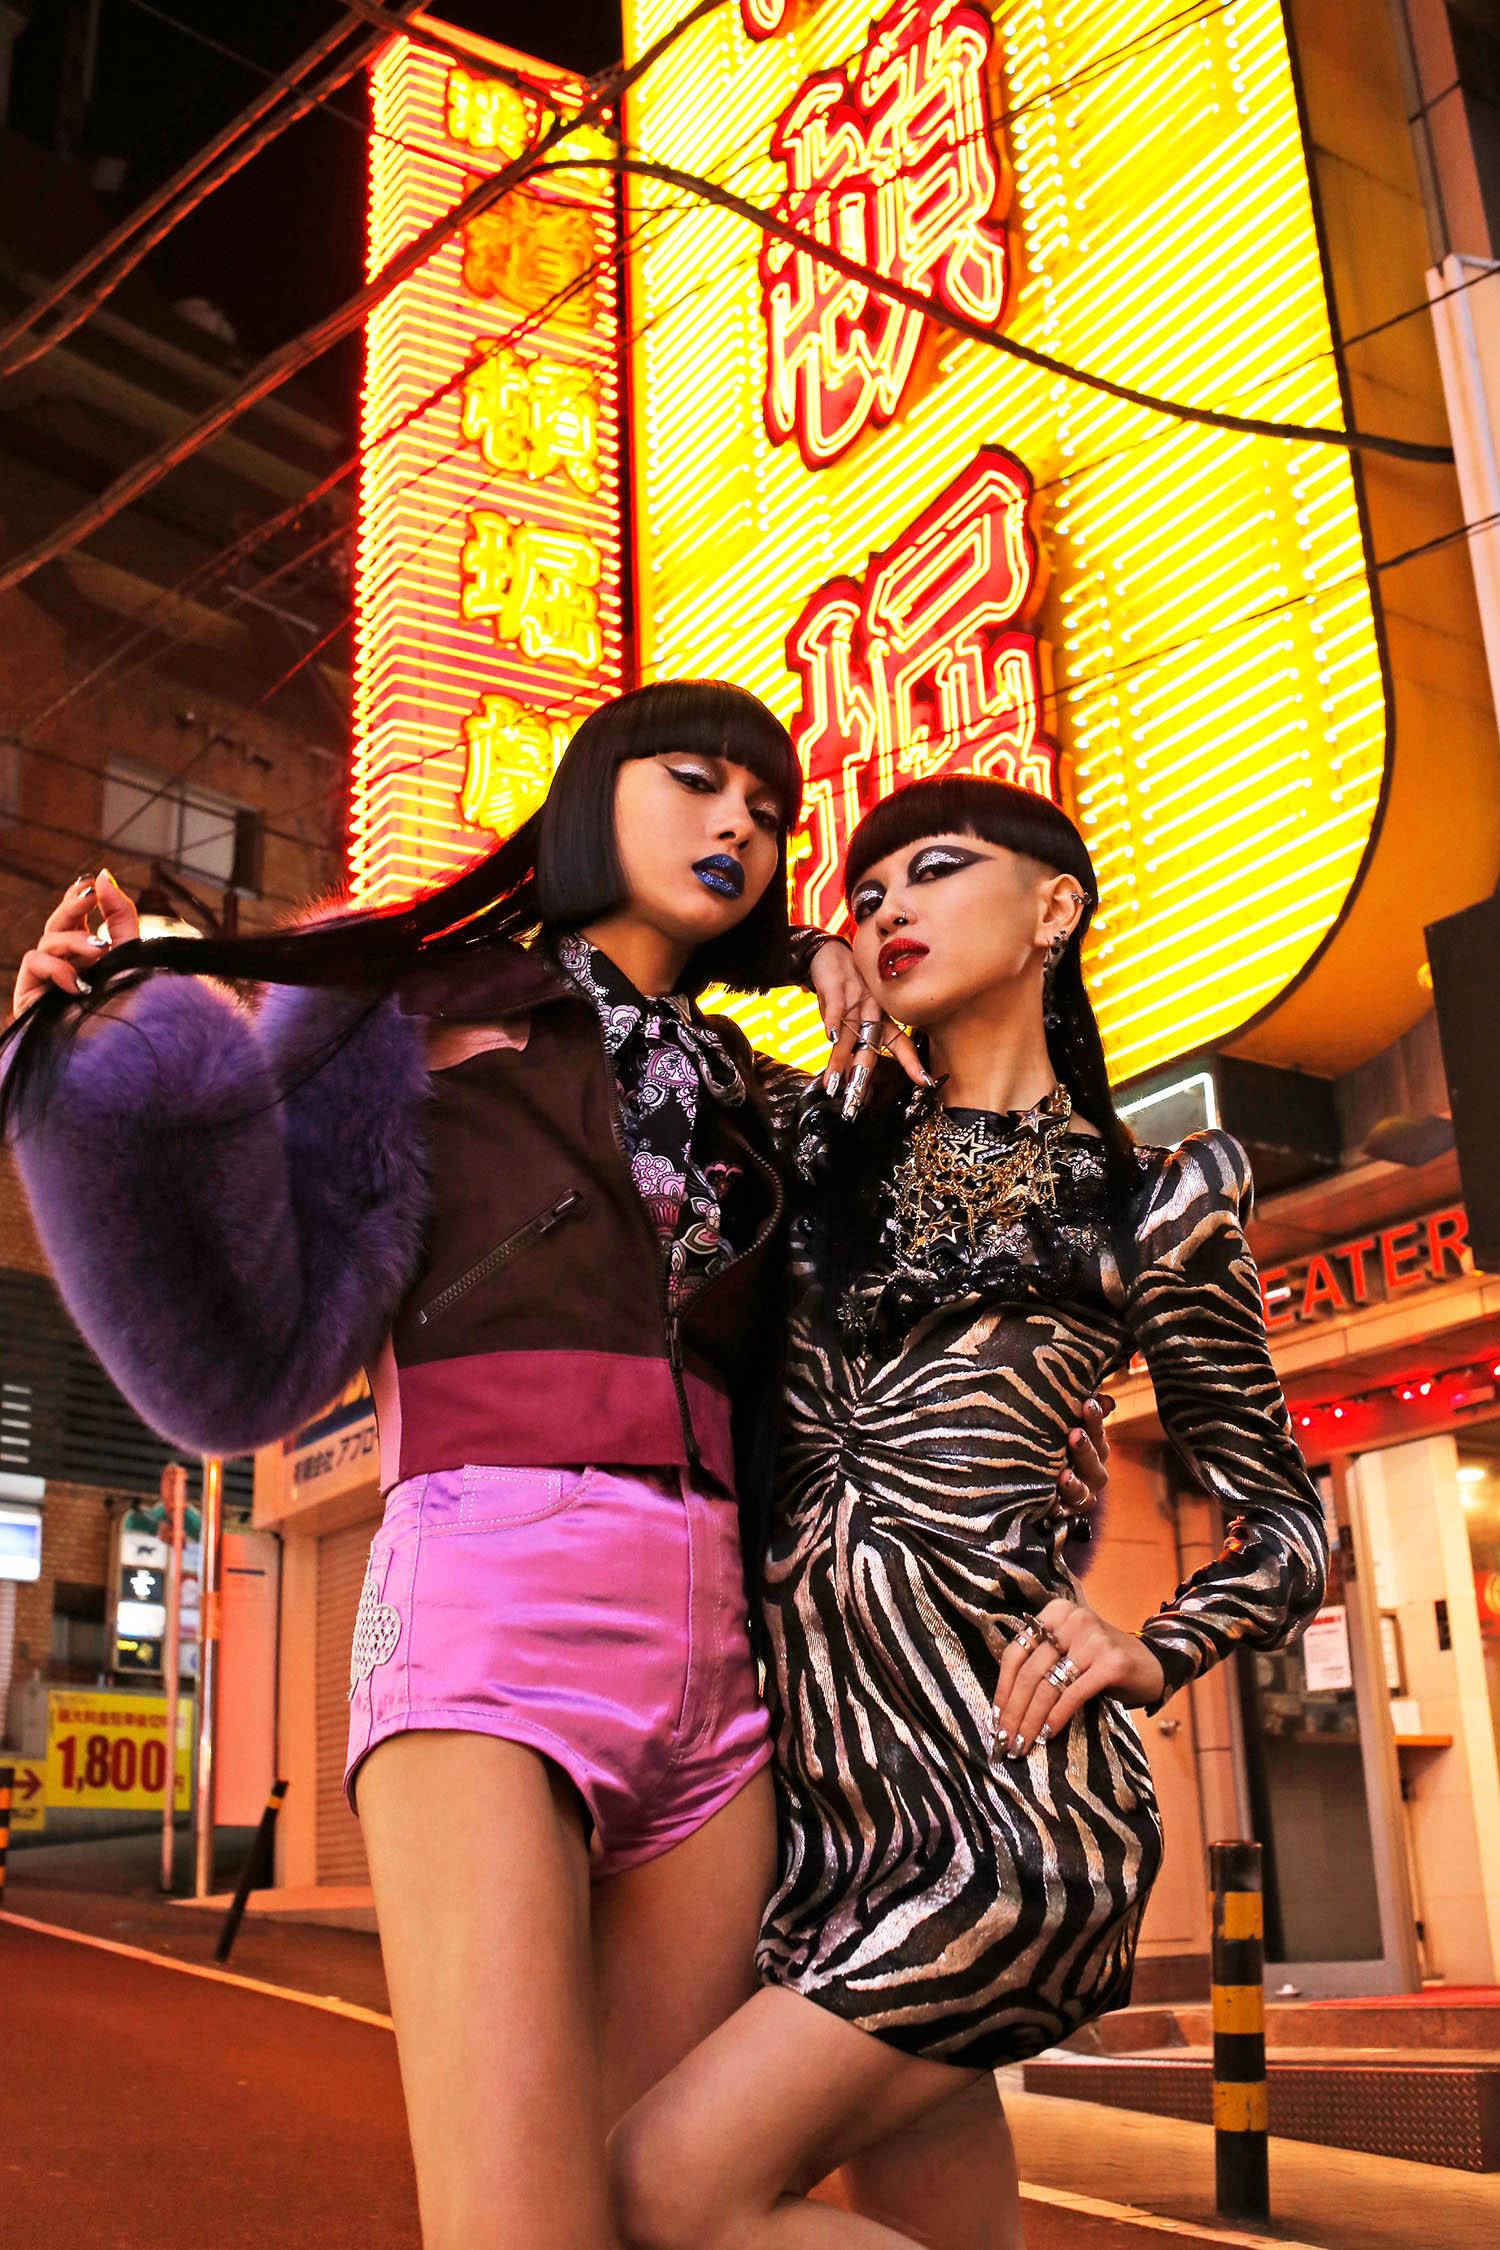 <The Look includes> (Bambi) ファースリーブレザージャケット ¥ ***、ブラウス ¥、メタリックショーツ ¥ (Aya) シルバードレス ¥ 以上全て Marc Jacobs、ネックレス スタイリスト私物、リング モデル私物